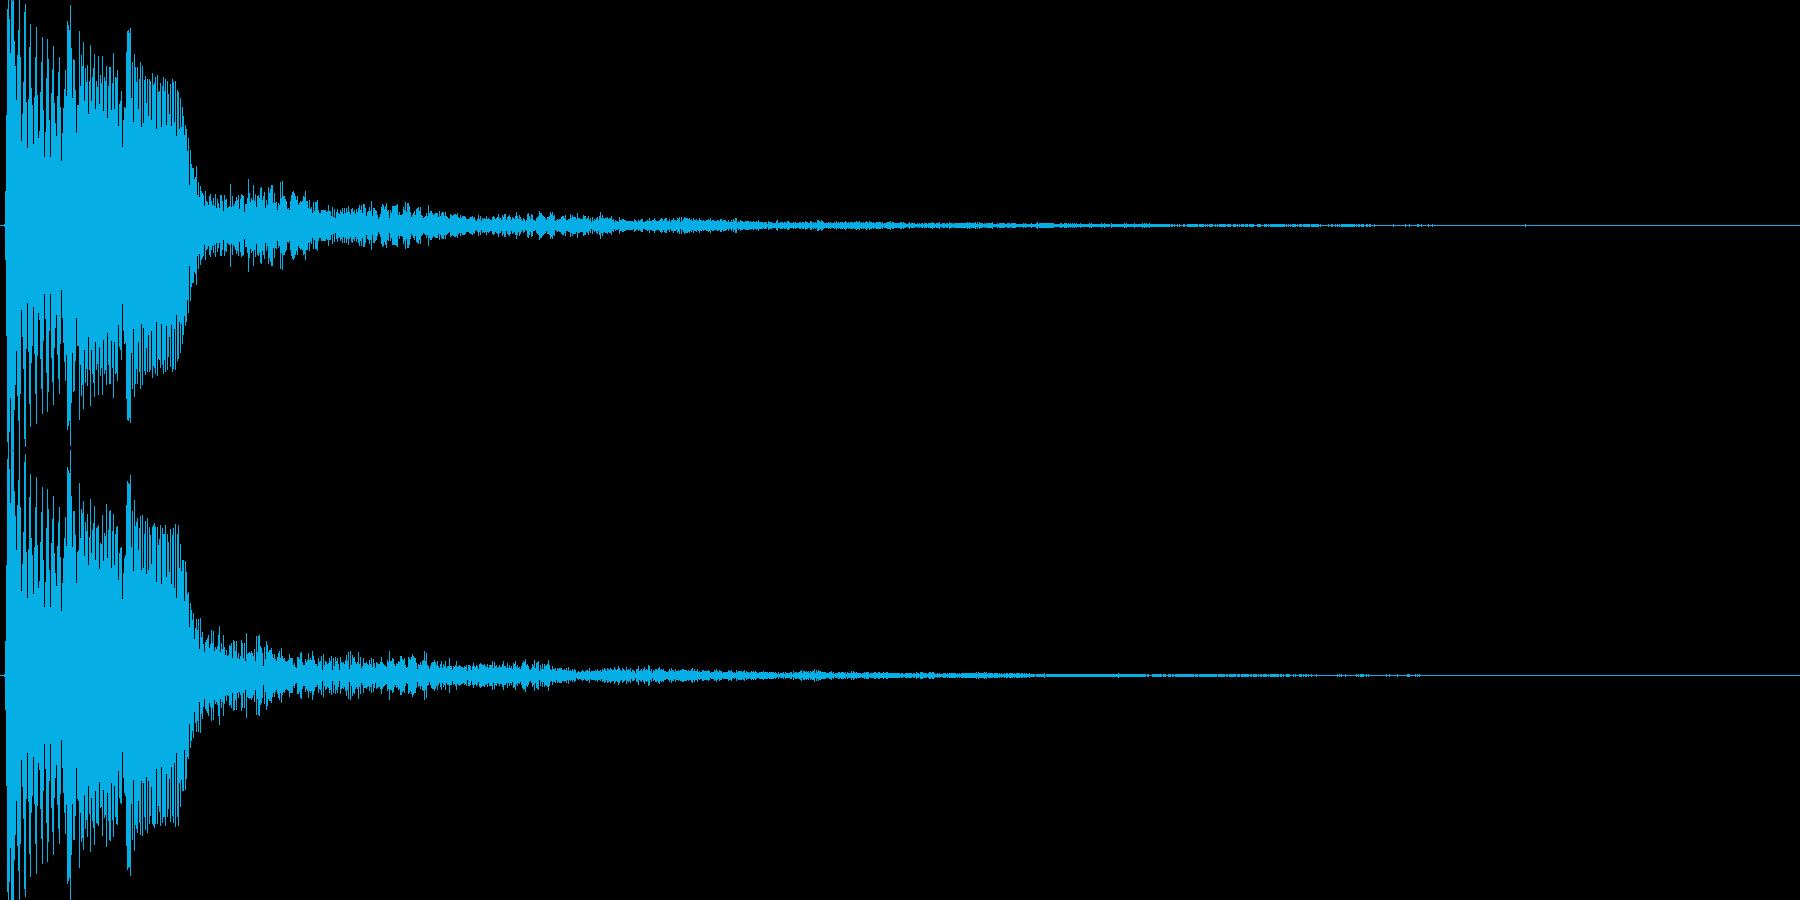 ピコ(ゲーム、アプリなどの操作音12)の再生済みの波形